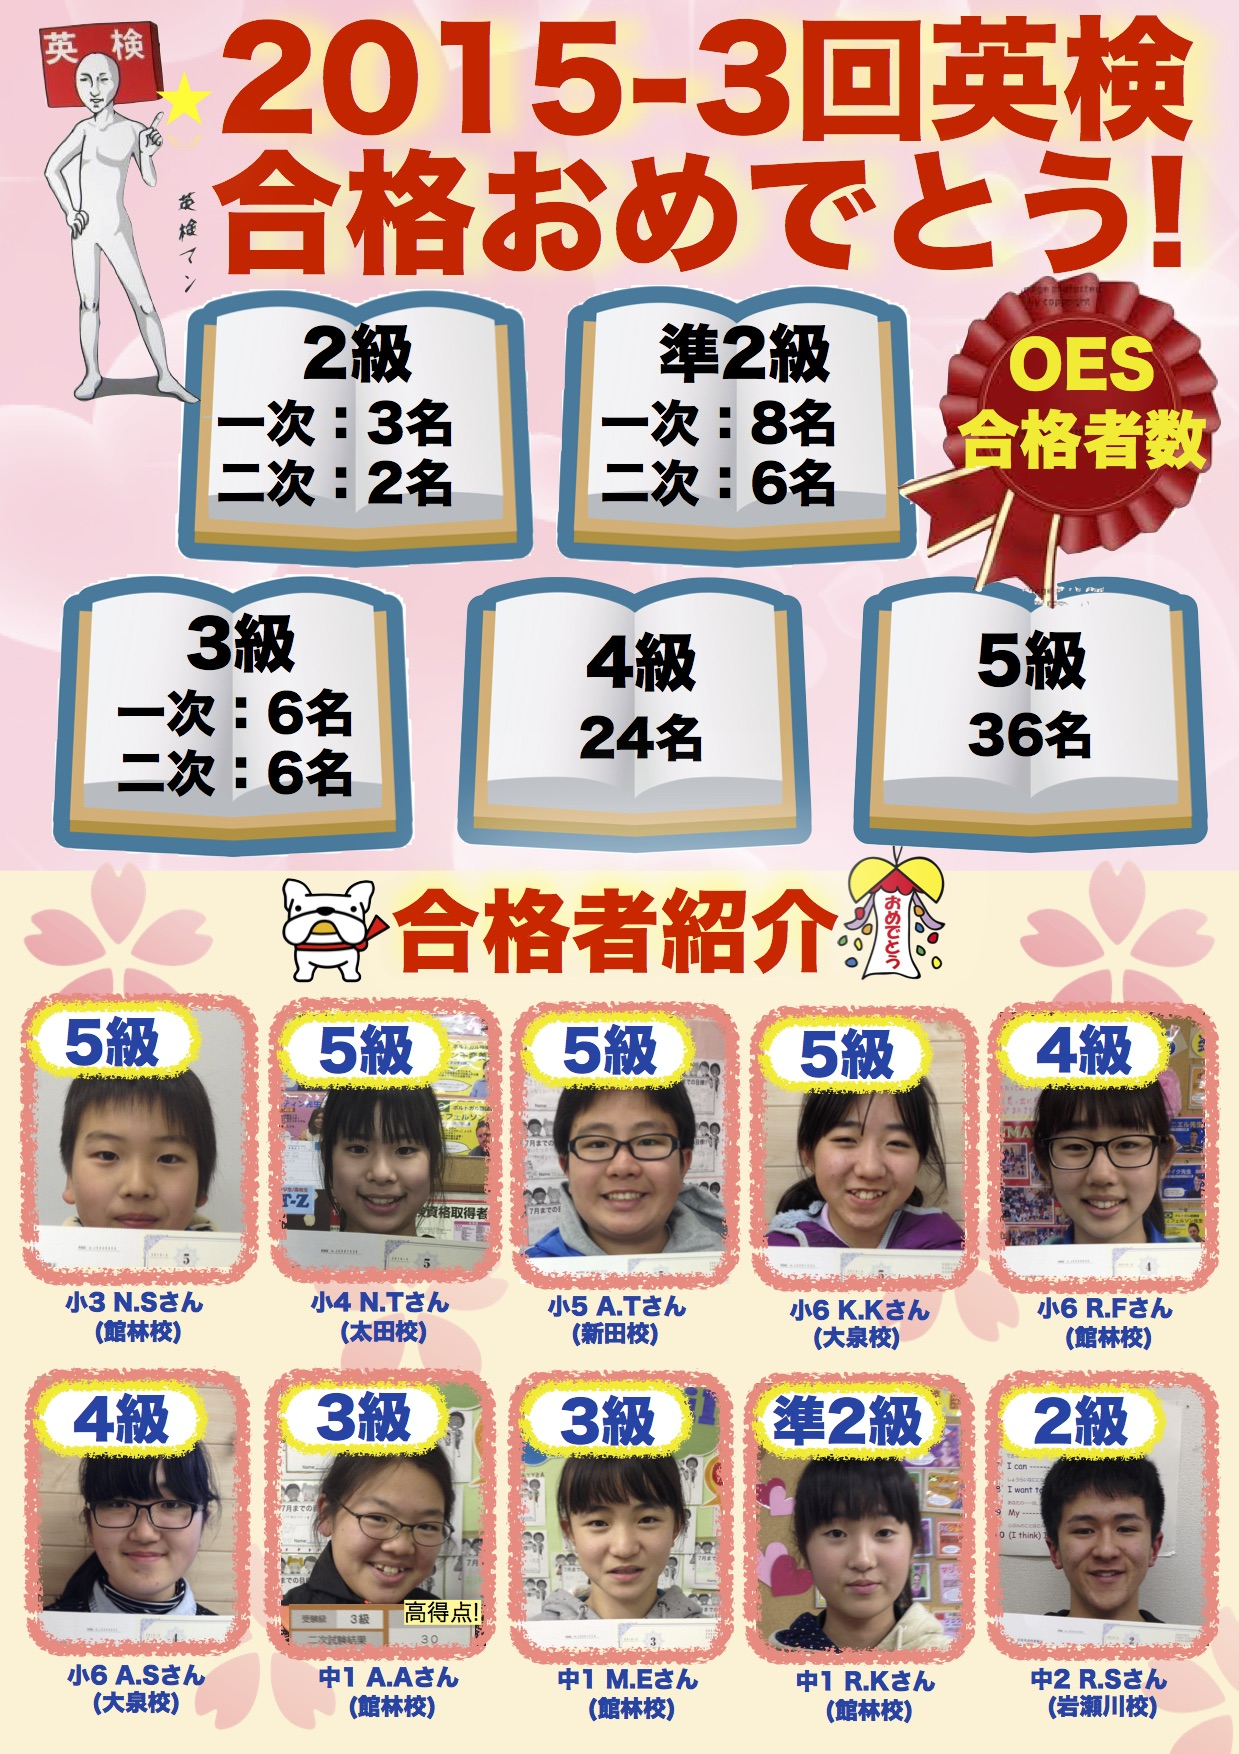 2015-3回英検合格ポスター WEB TES5 OTA1 NIT1 GL2 IW1 Nozomu Rino Akane Misaki Ru Natsumi Arata Kotoha Aya Riki